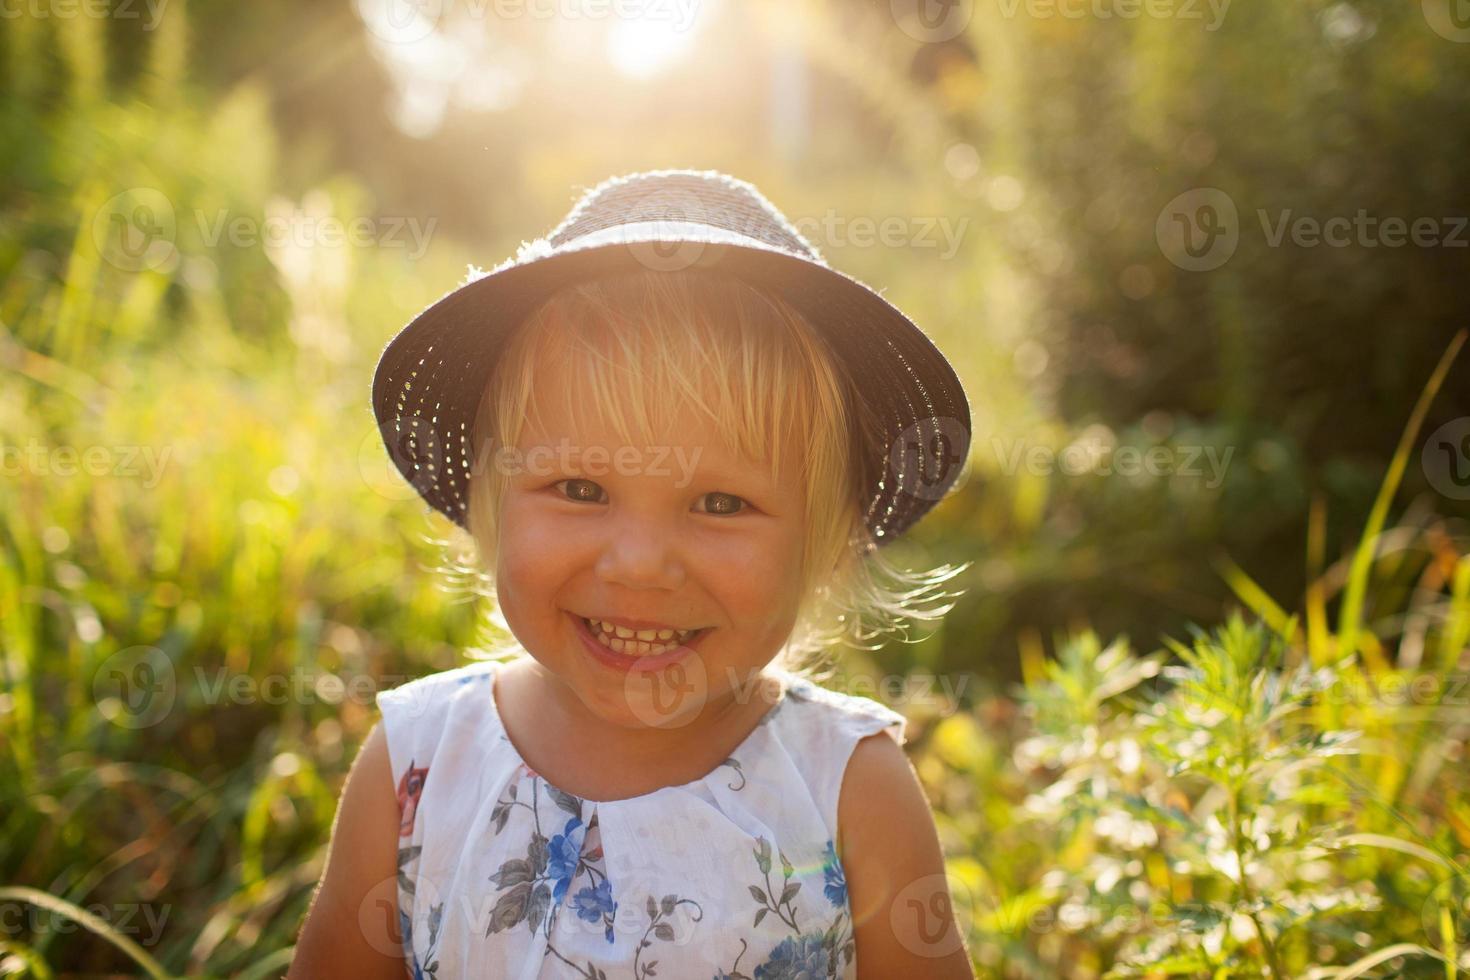 klein blond meisje met een blauwe hoed foto